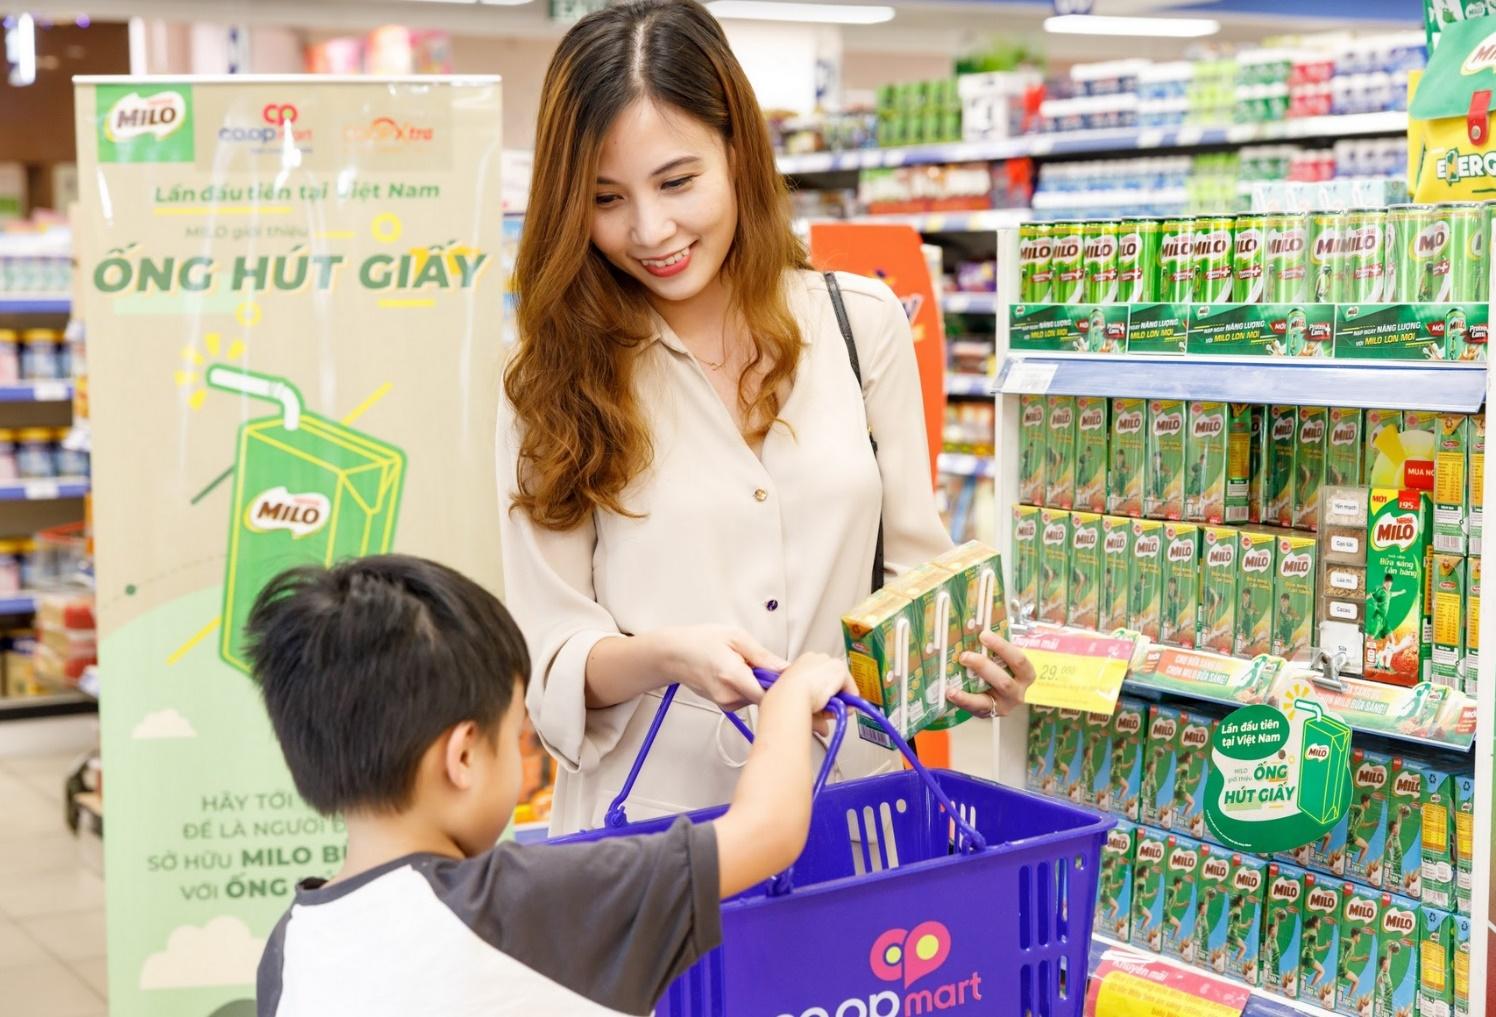 Nestlé Milo tiên phong sử dụng ống hút giấy bảo vệ môi trường  - ảnh 1